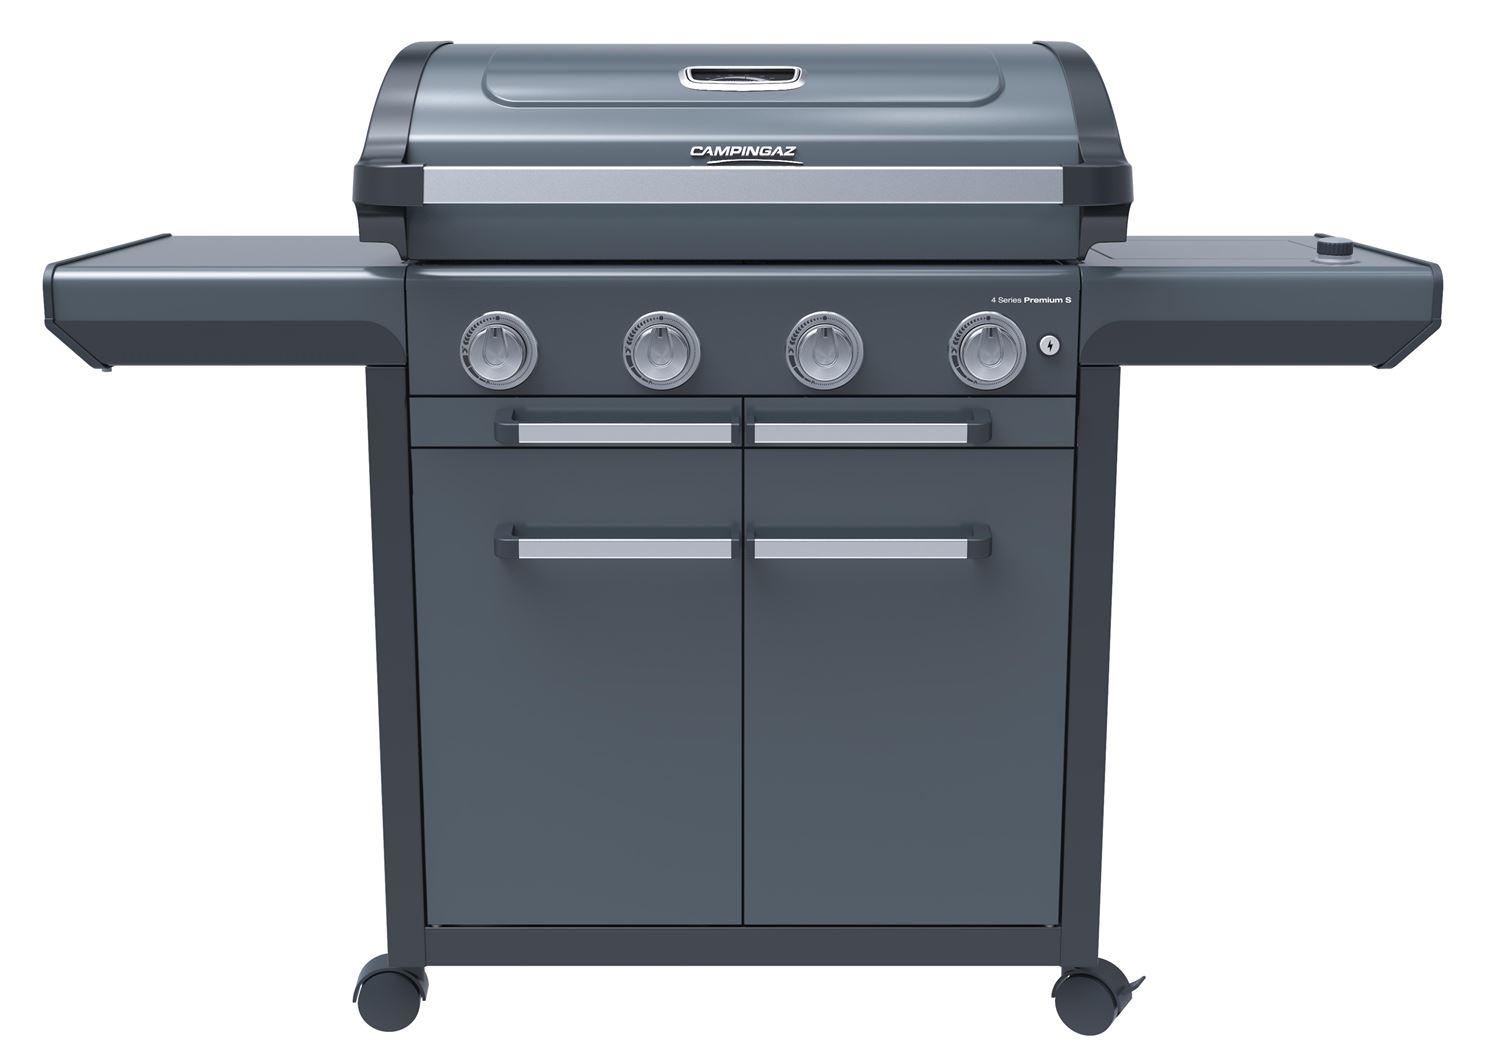 campingaz gasbarbecue 4 series premium s